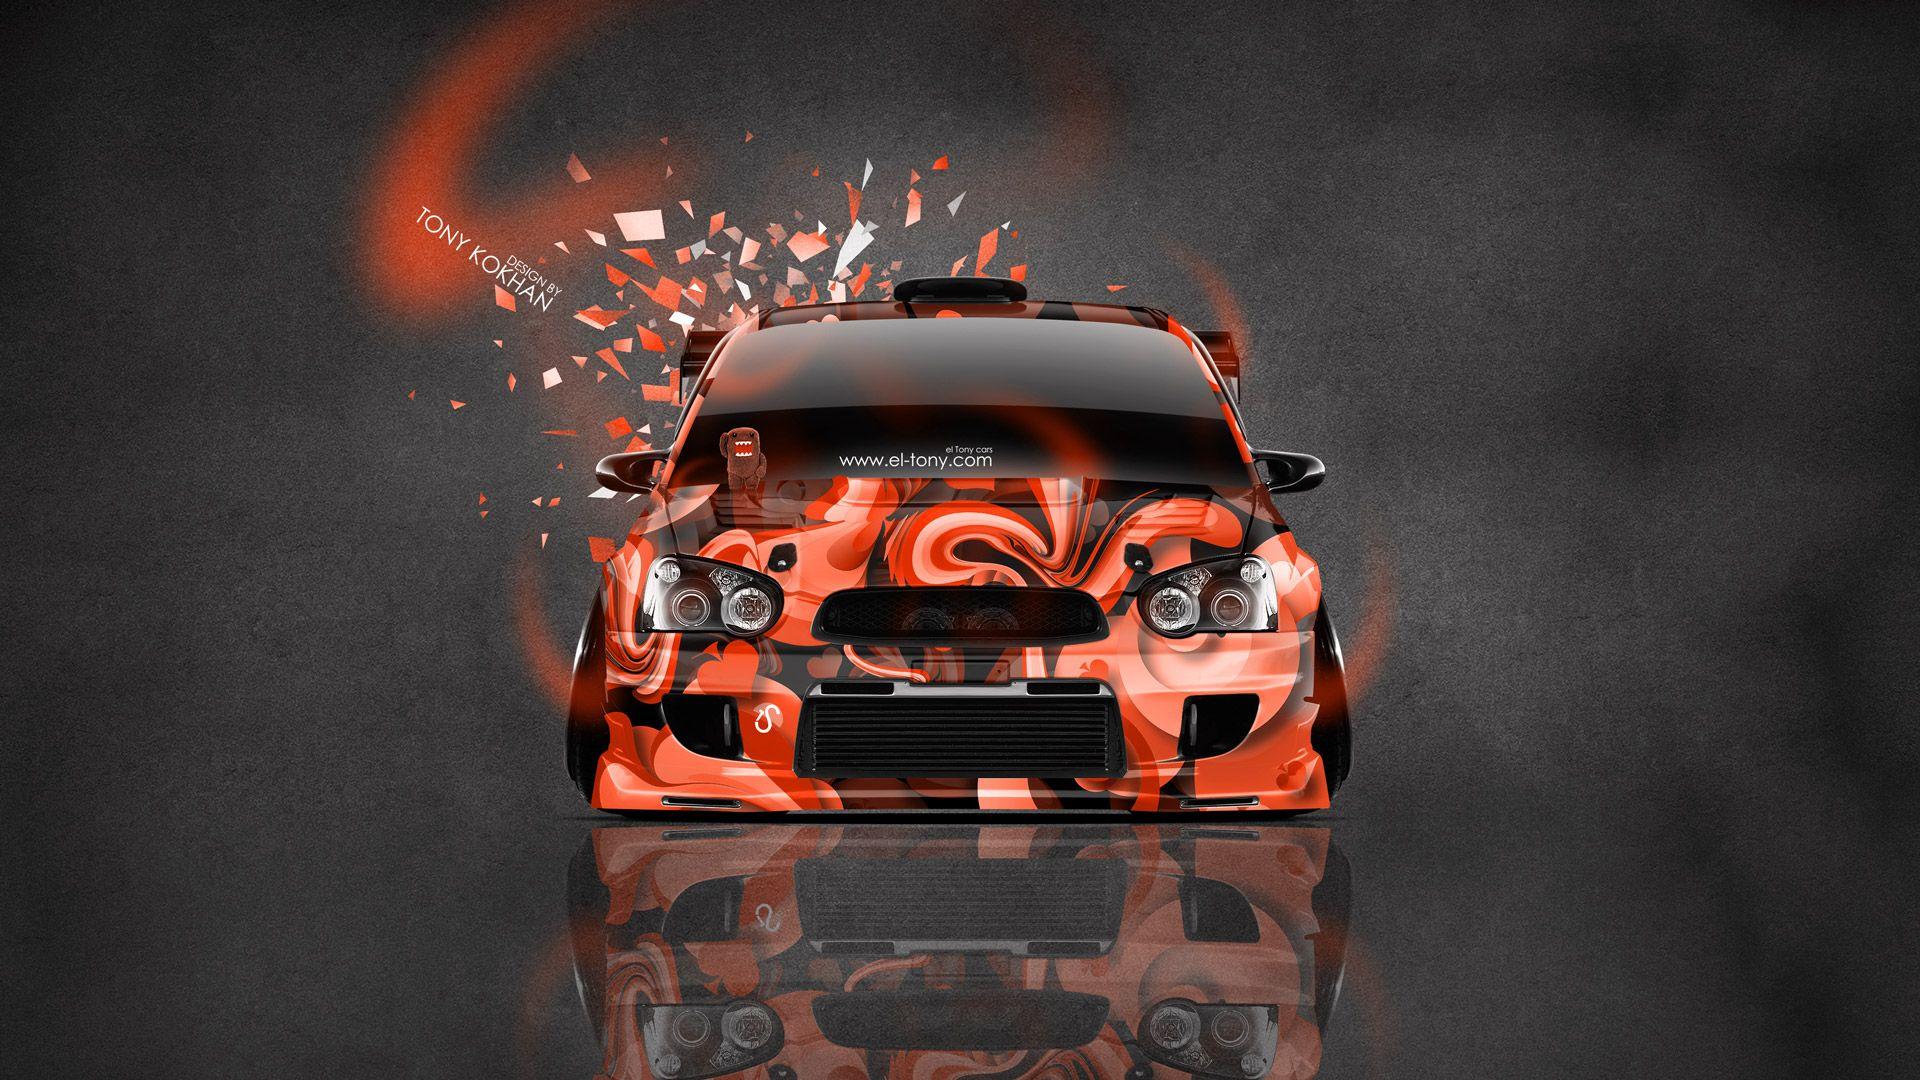 Subaru wrx jdm sti cars hd wallpaper - Wrx Art Subaru Impreza Wrx Sti Jdm Tuning Front